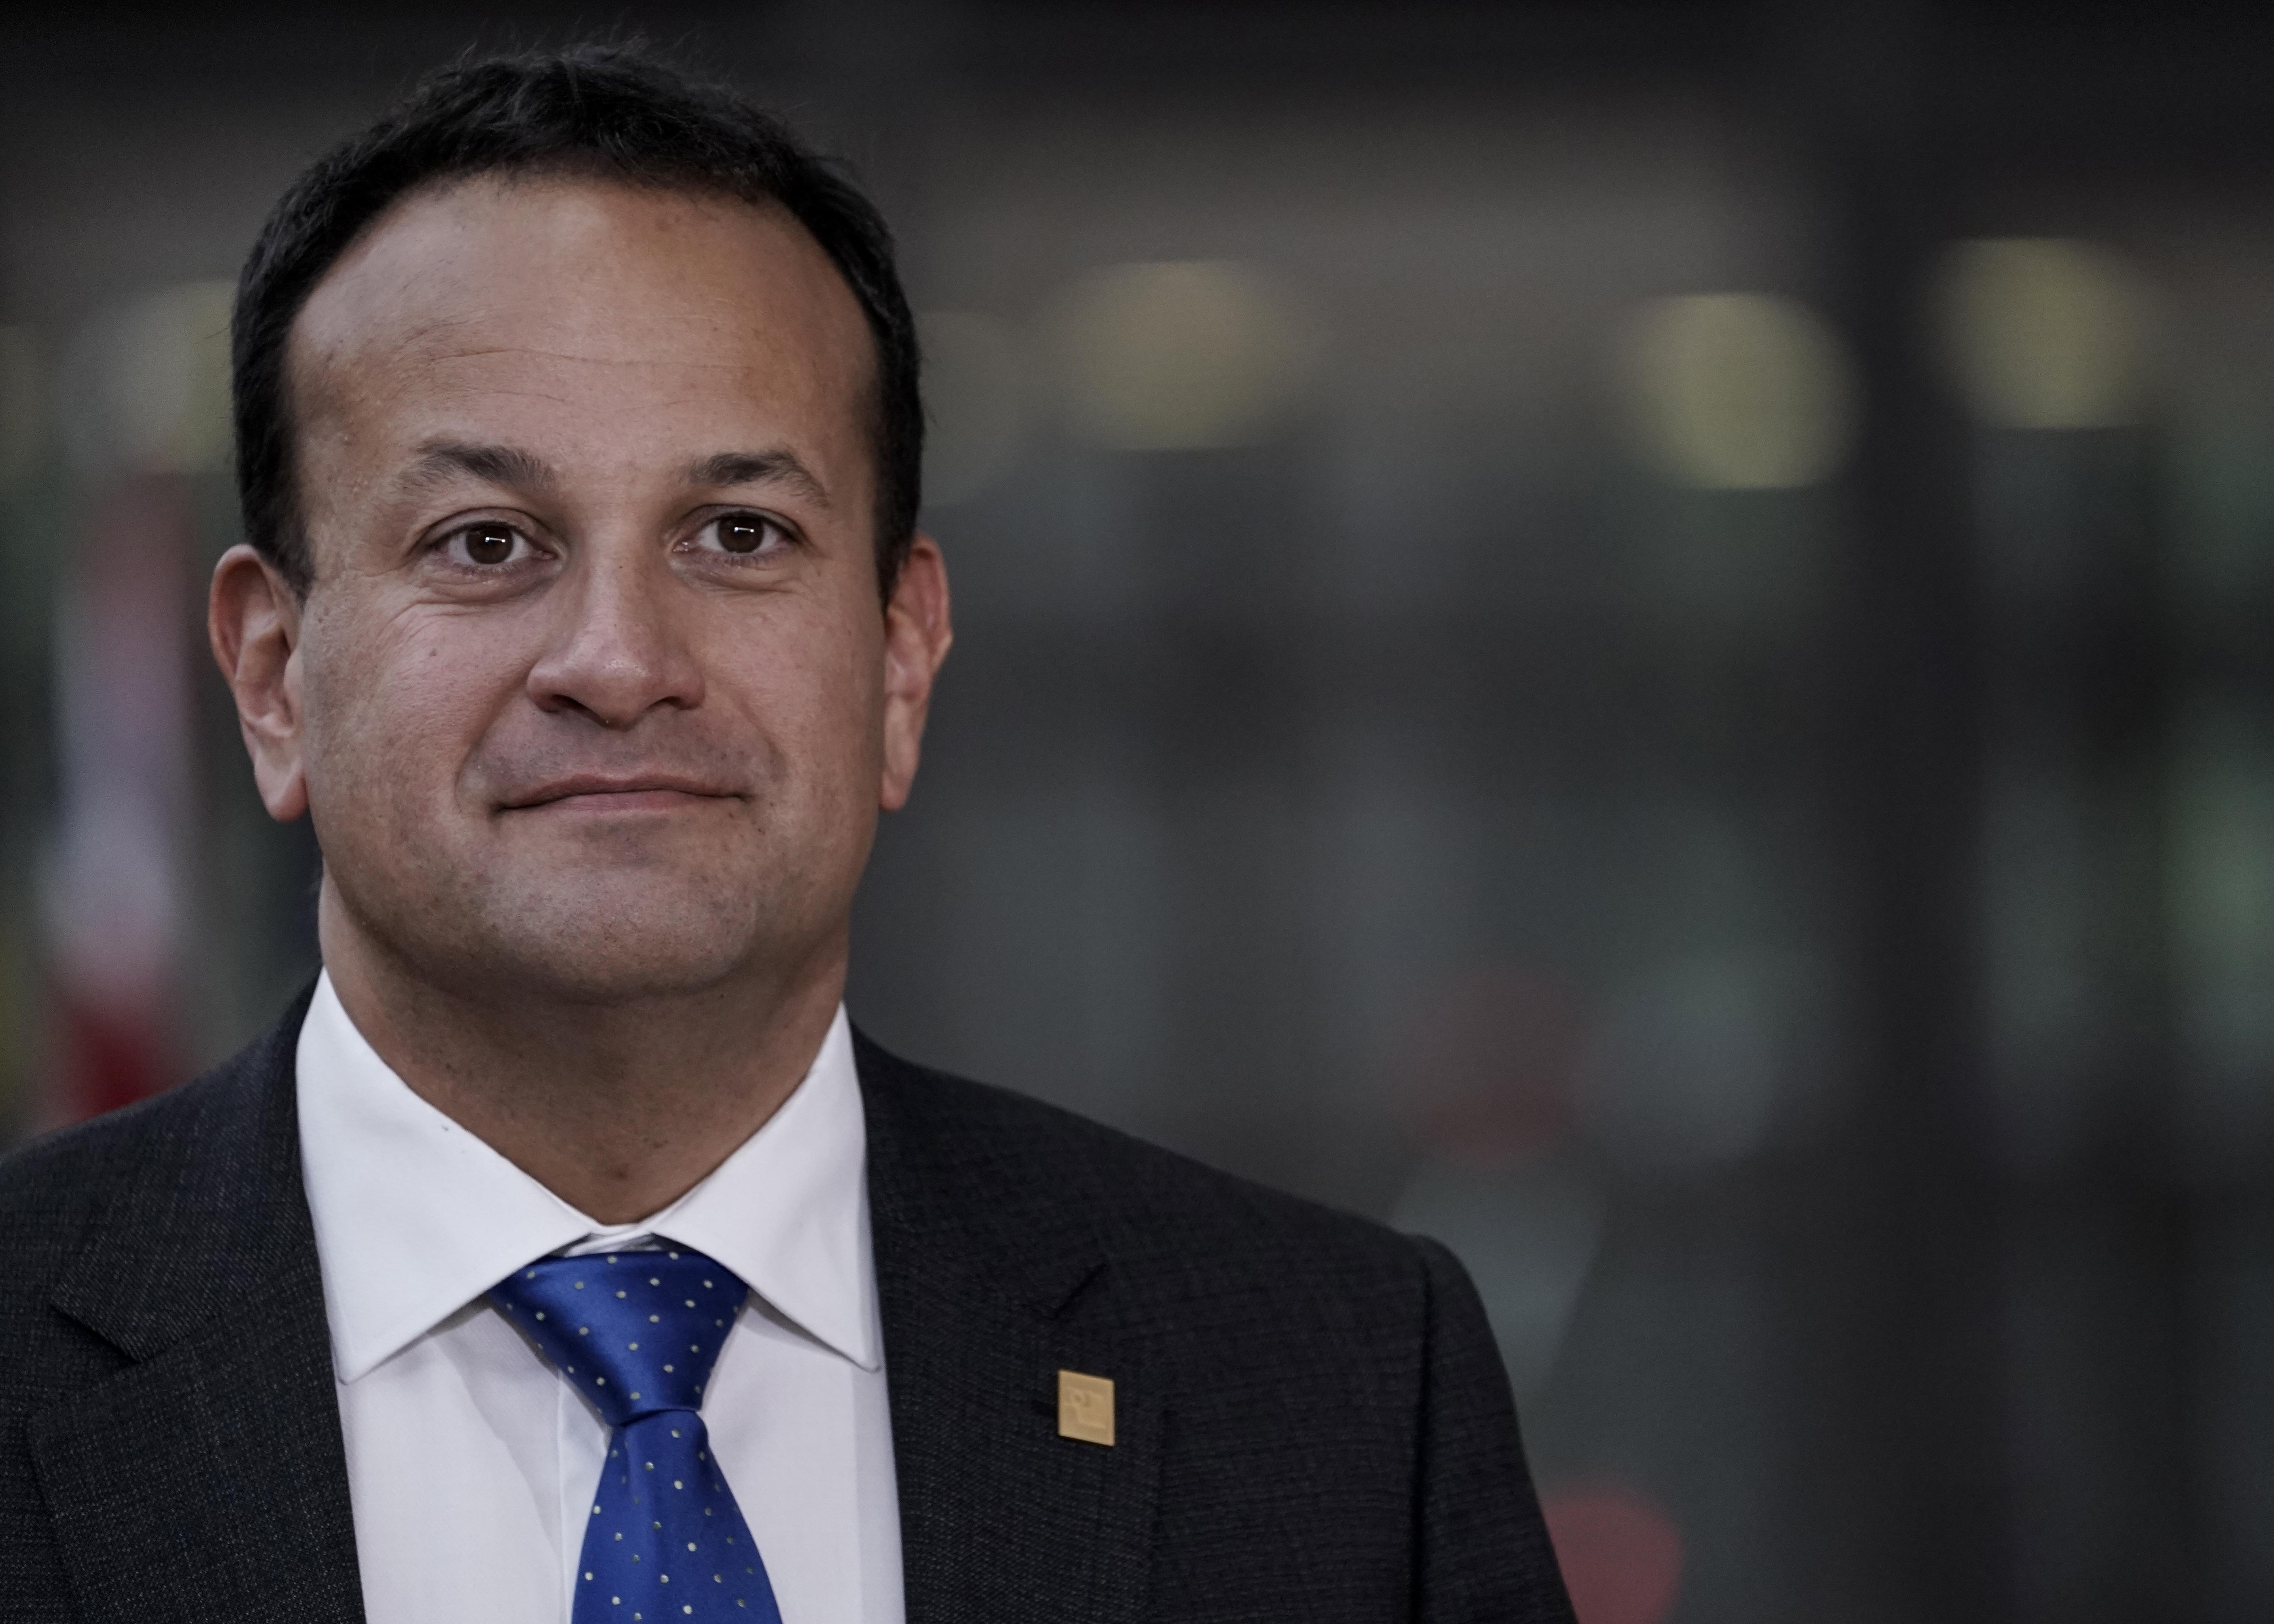 Ha megállapodás nélküli brexit jön, megnő az Ír-sziget egyesülésének valószínűsége